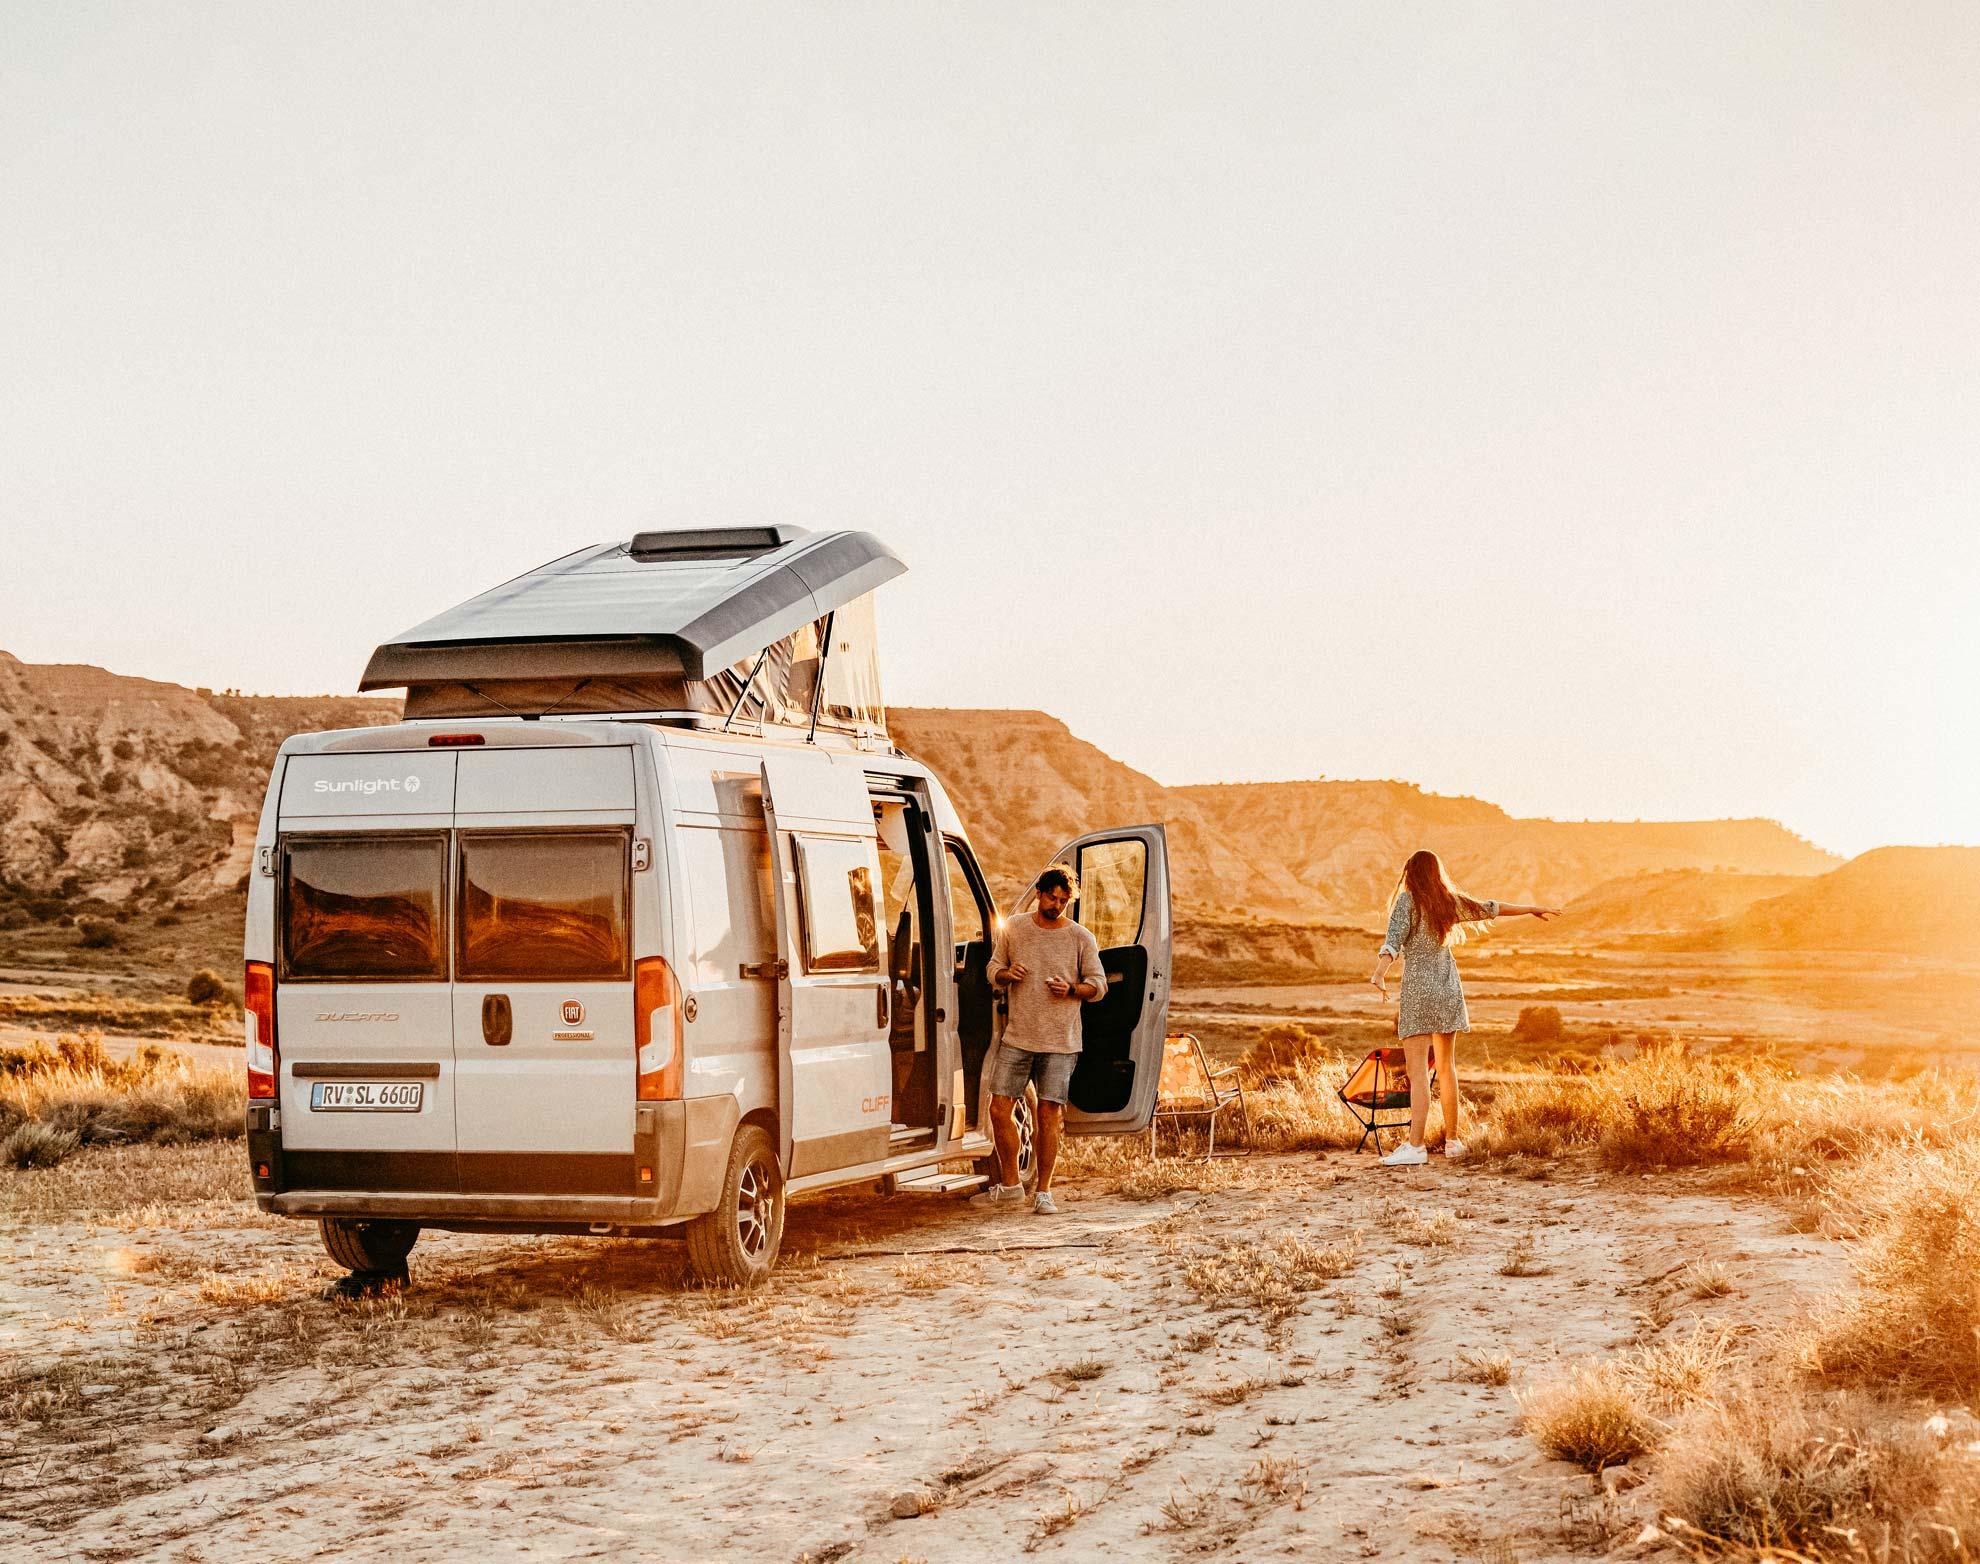 Wohnmobil mieten für deinen Urlaub!